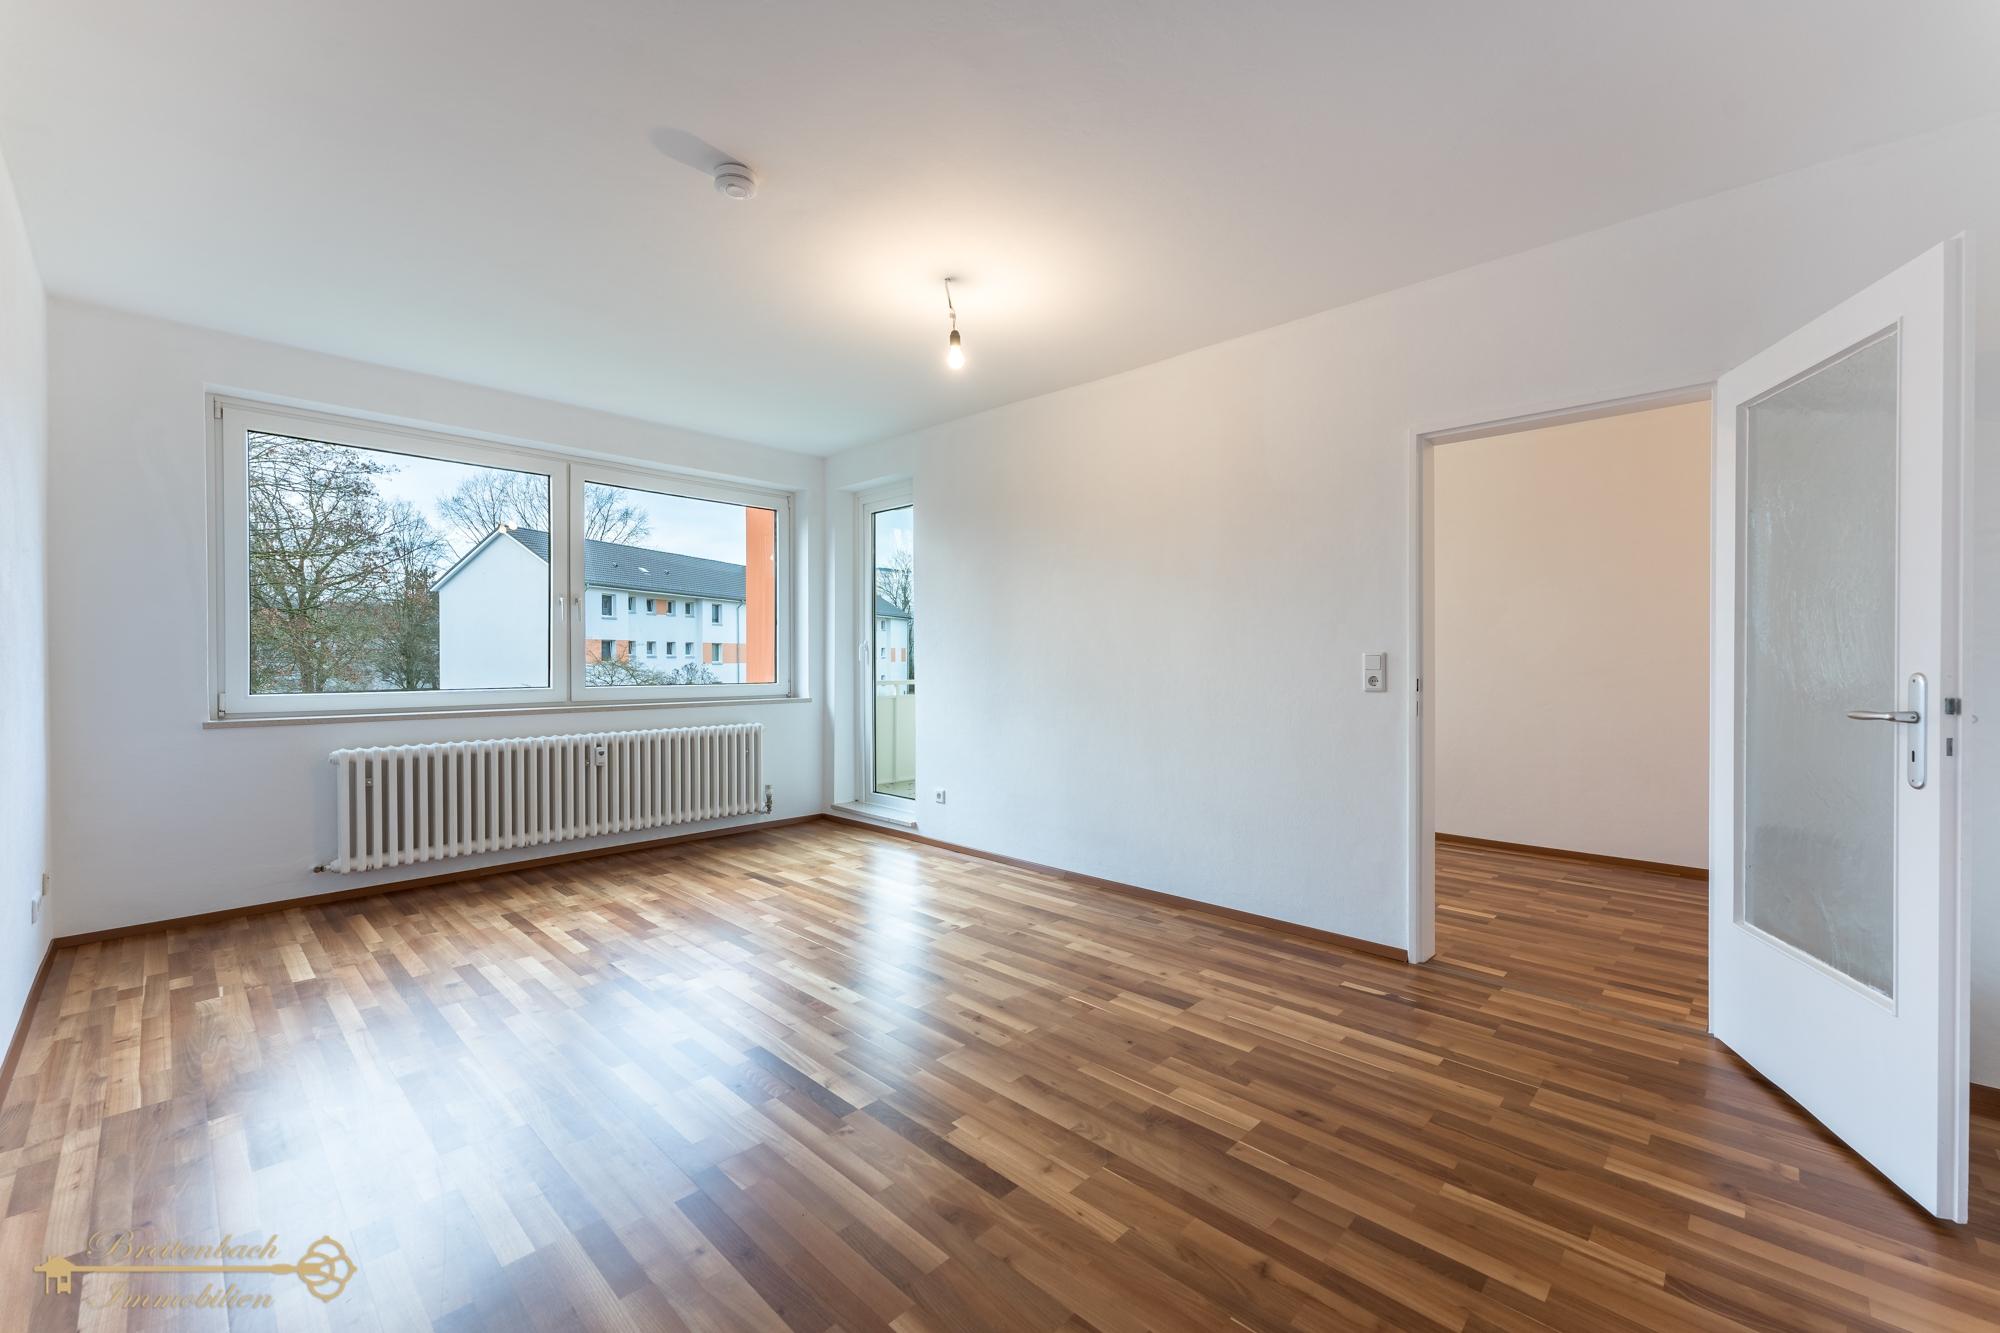 2021-01-09-Breitenbach-Immobilien-12